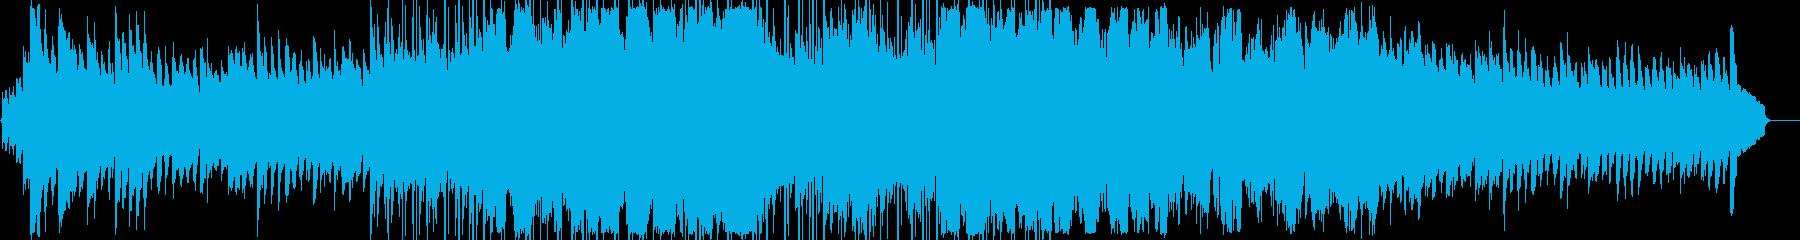 企業VP/さわやかでテンポのいいBGMの再生済みの波形